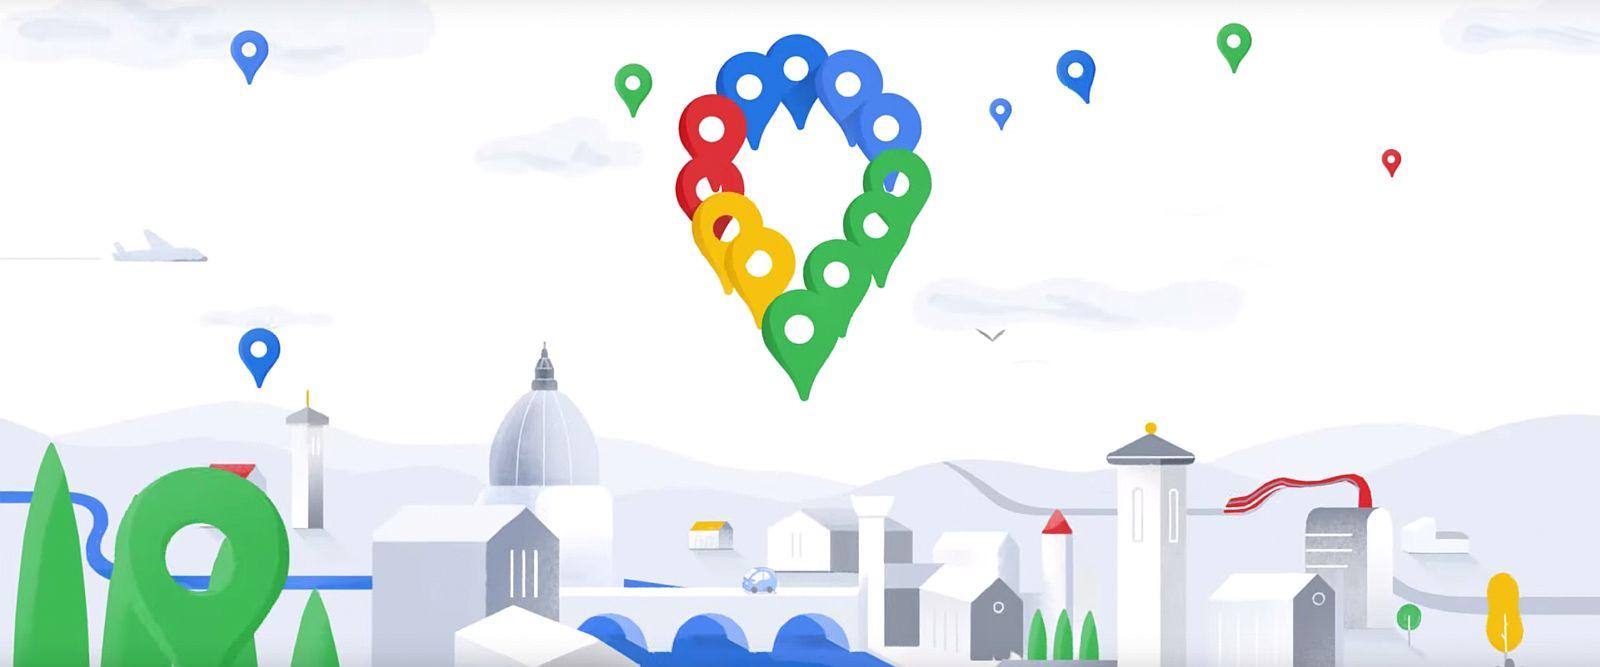 Oto najnowsze zmiany i ciekawostki o Mapach Google. 15-lecie jednej z najlepszych usług Google